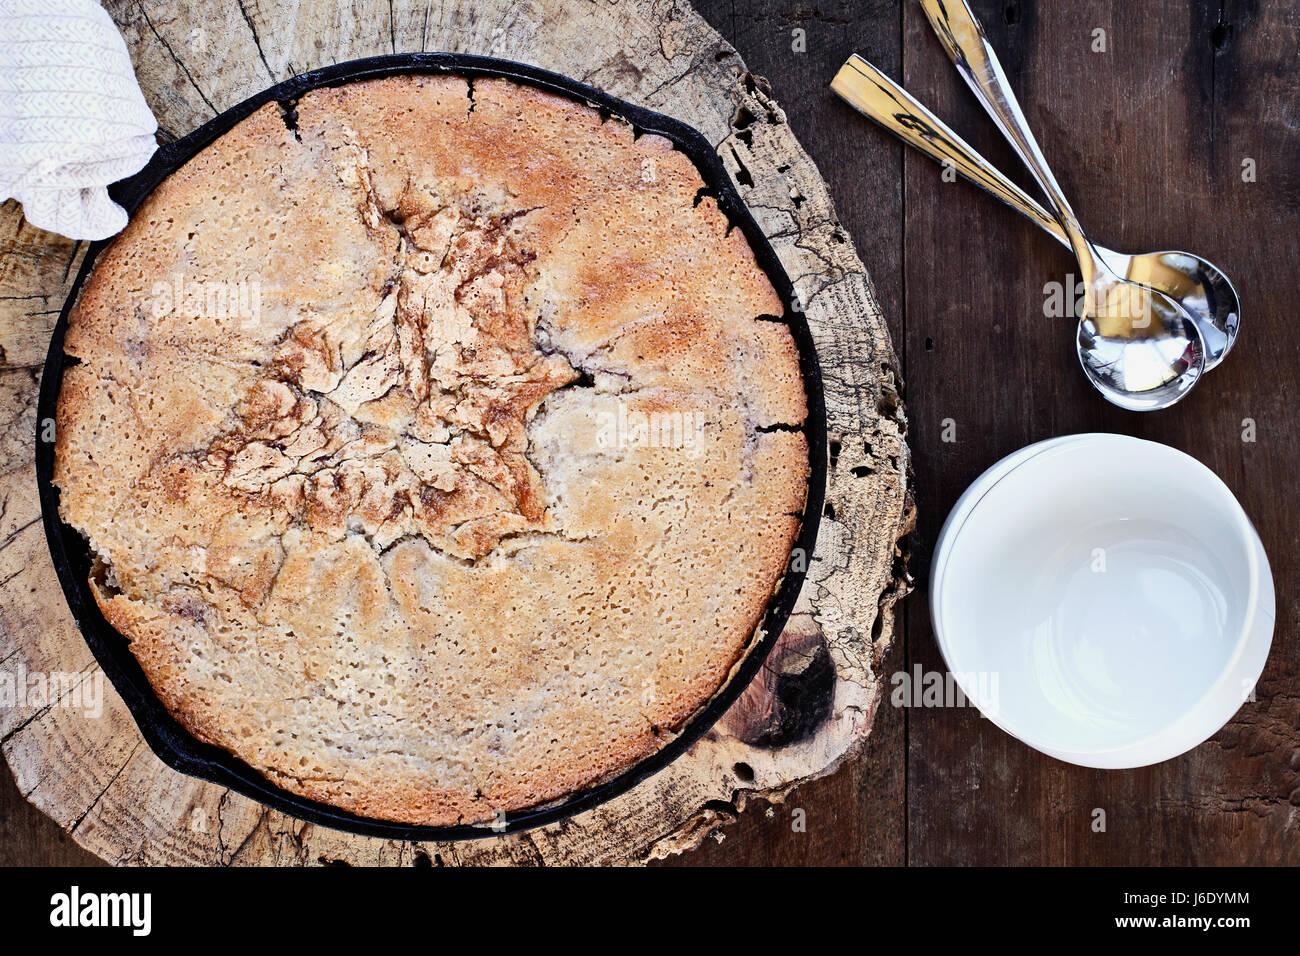 L'image ci-dessus d'une myrtille et peach cobbler cuit dans une poêle en fonte sur une table en bois Photo Stock